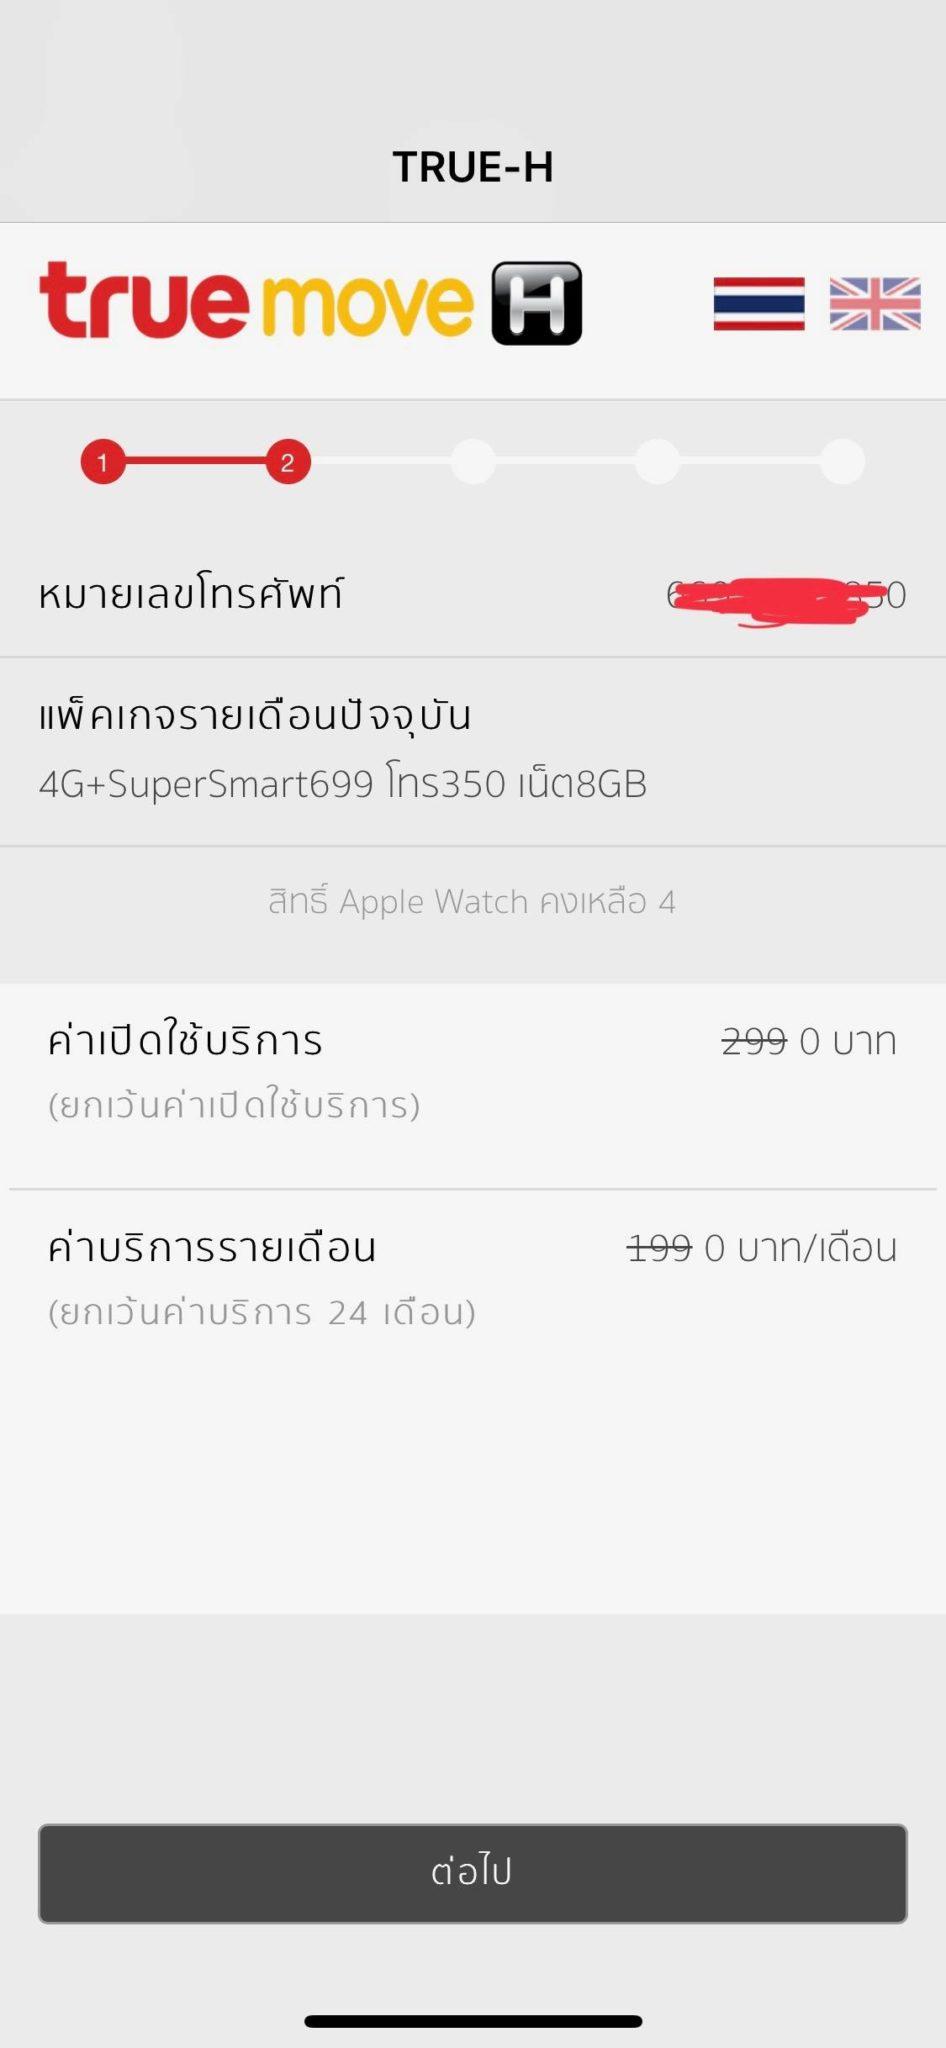 รีวิว Apple Watch LTE นาฬิกาแอปเปิ้ลใหม่ใส่ซิม โทรได้แม้ไร้ iPhone 24 - Smart Home